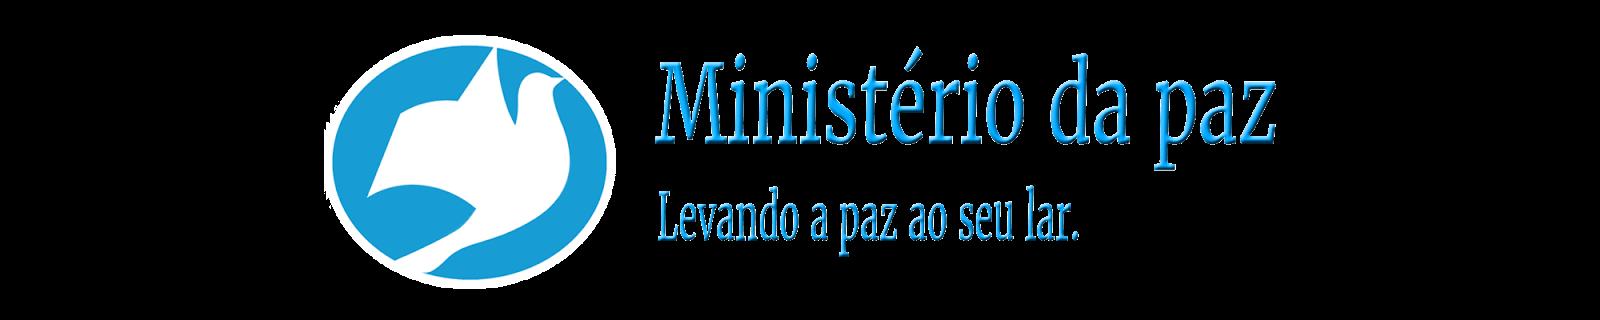 Ministério da paz